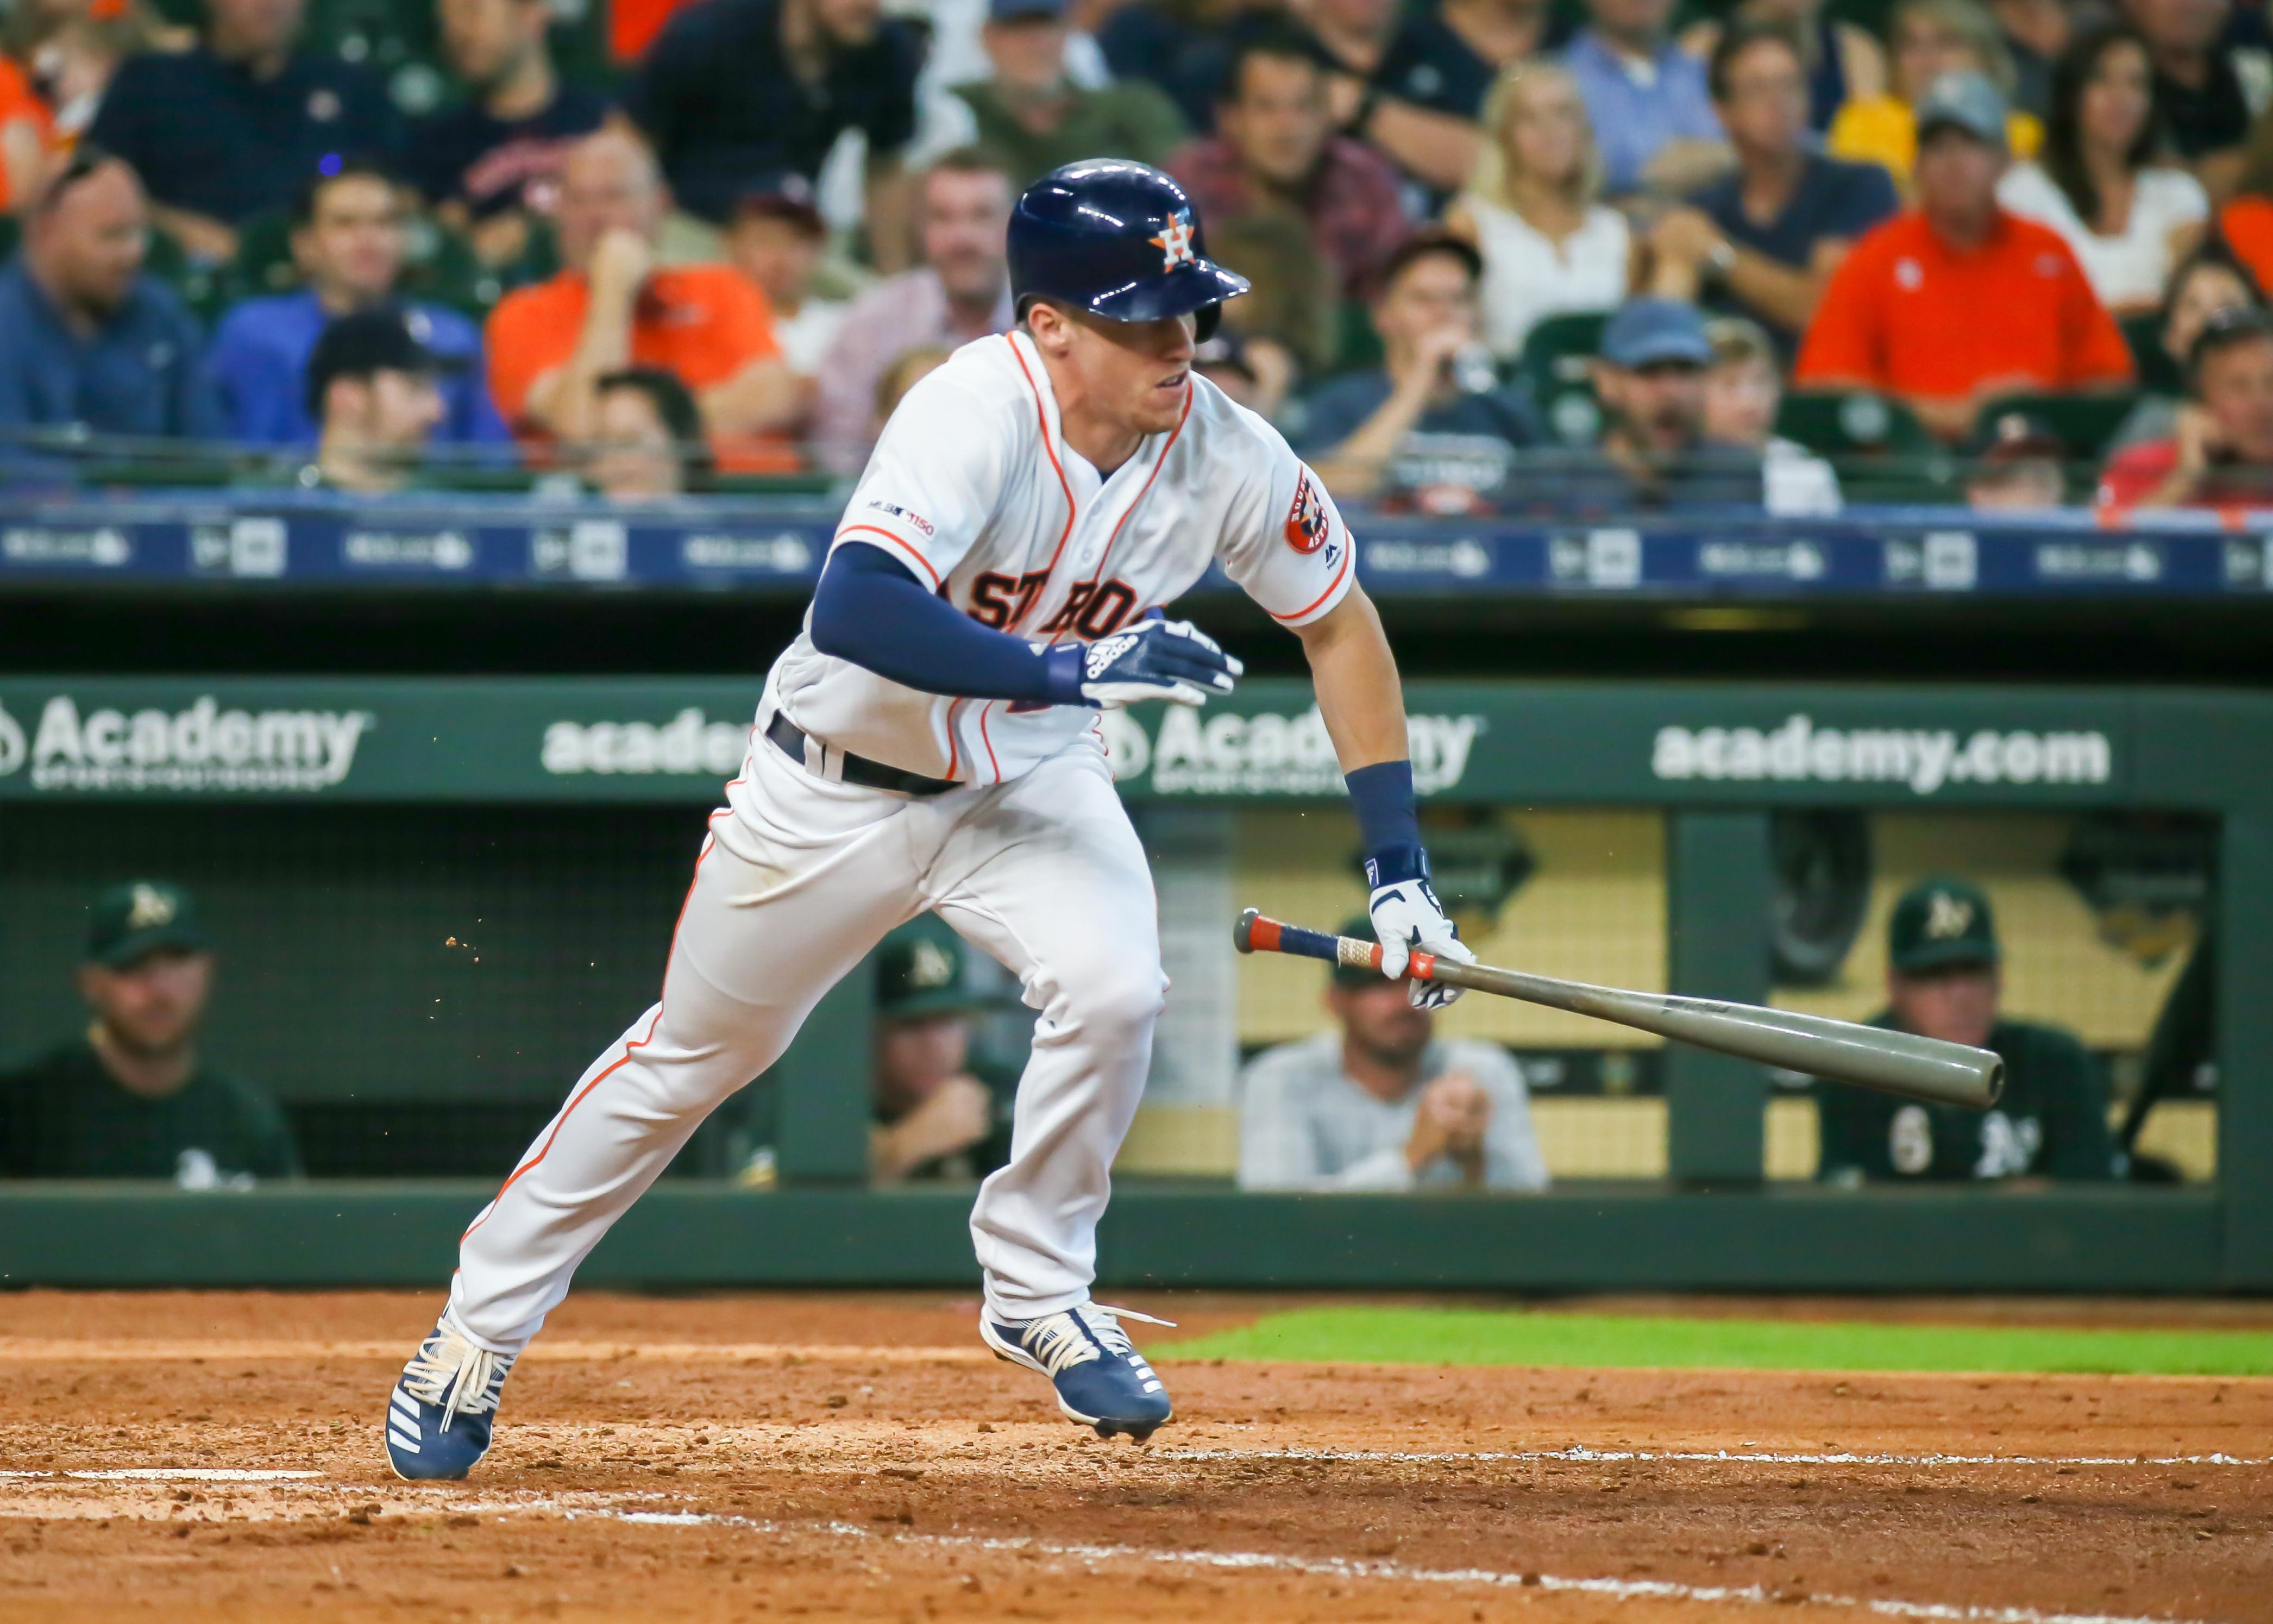 MLB: JUL 24 Athletics at Astros